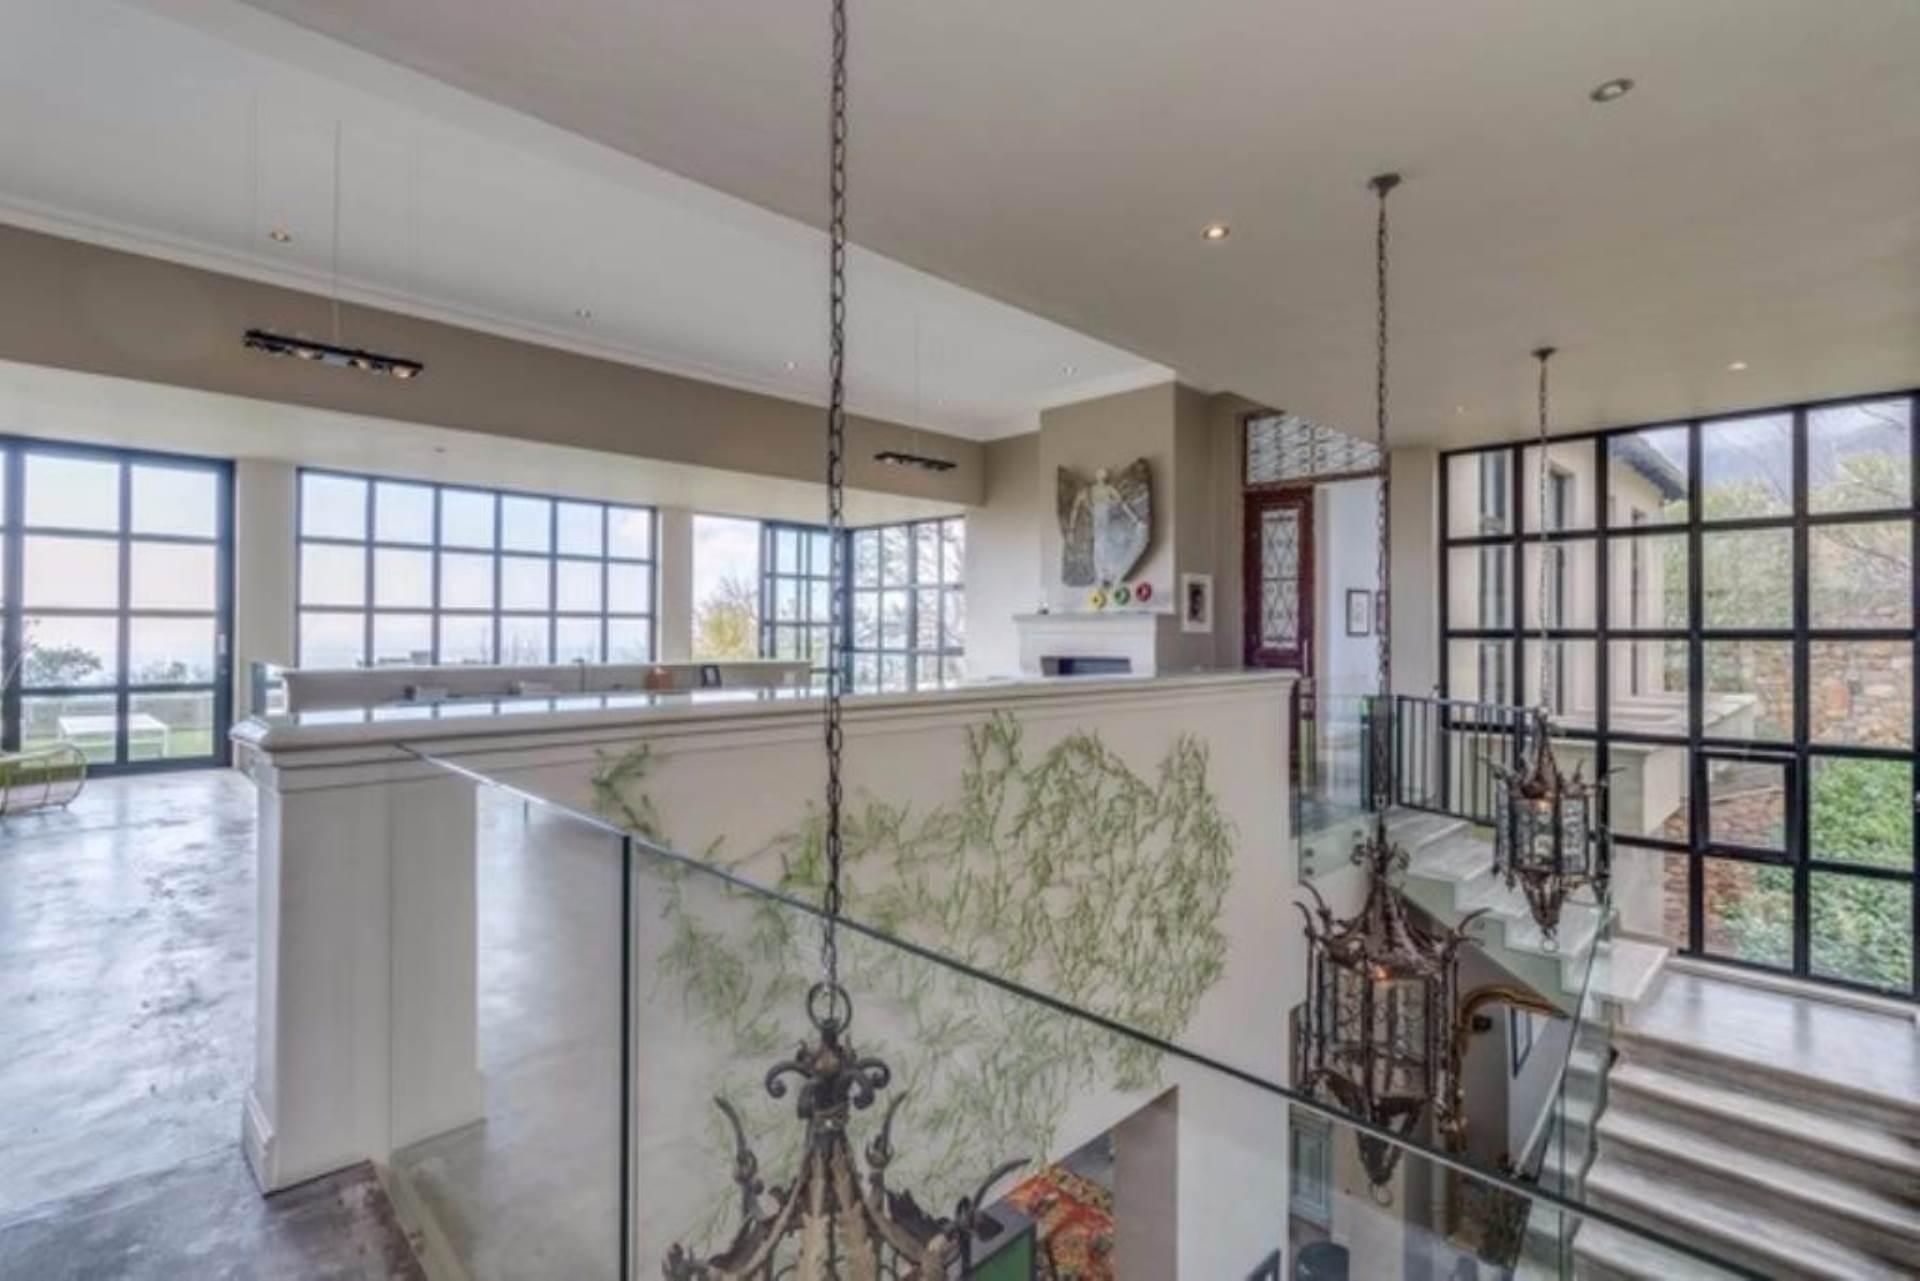 Oranjezicht property for sale. Ref No: 13475188. Picture no 20